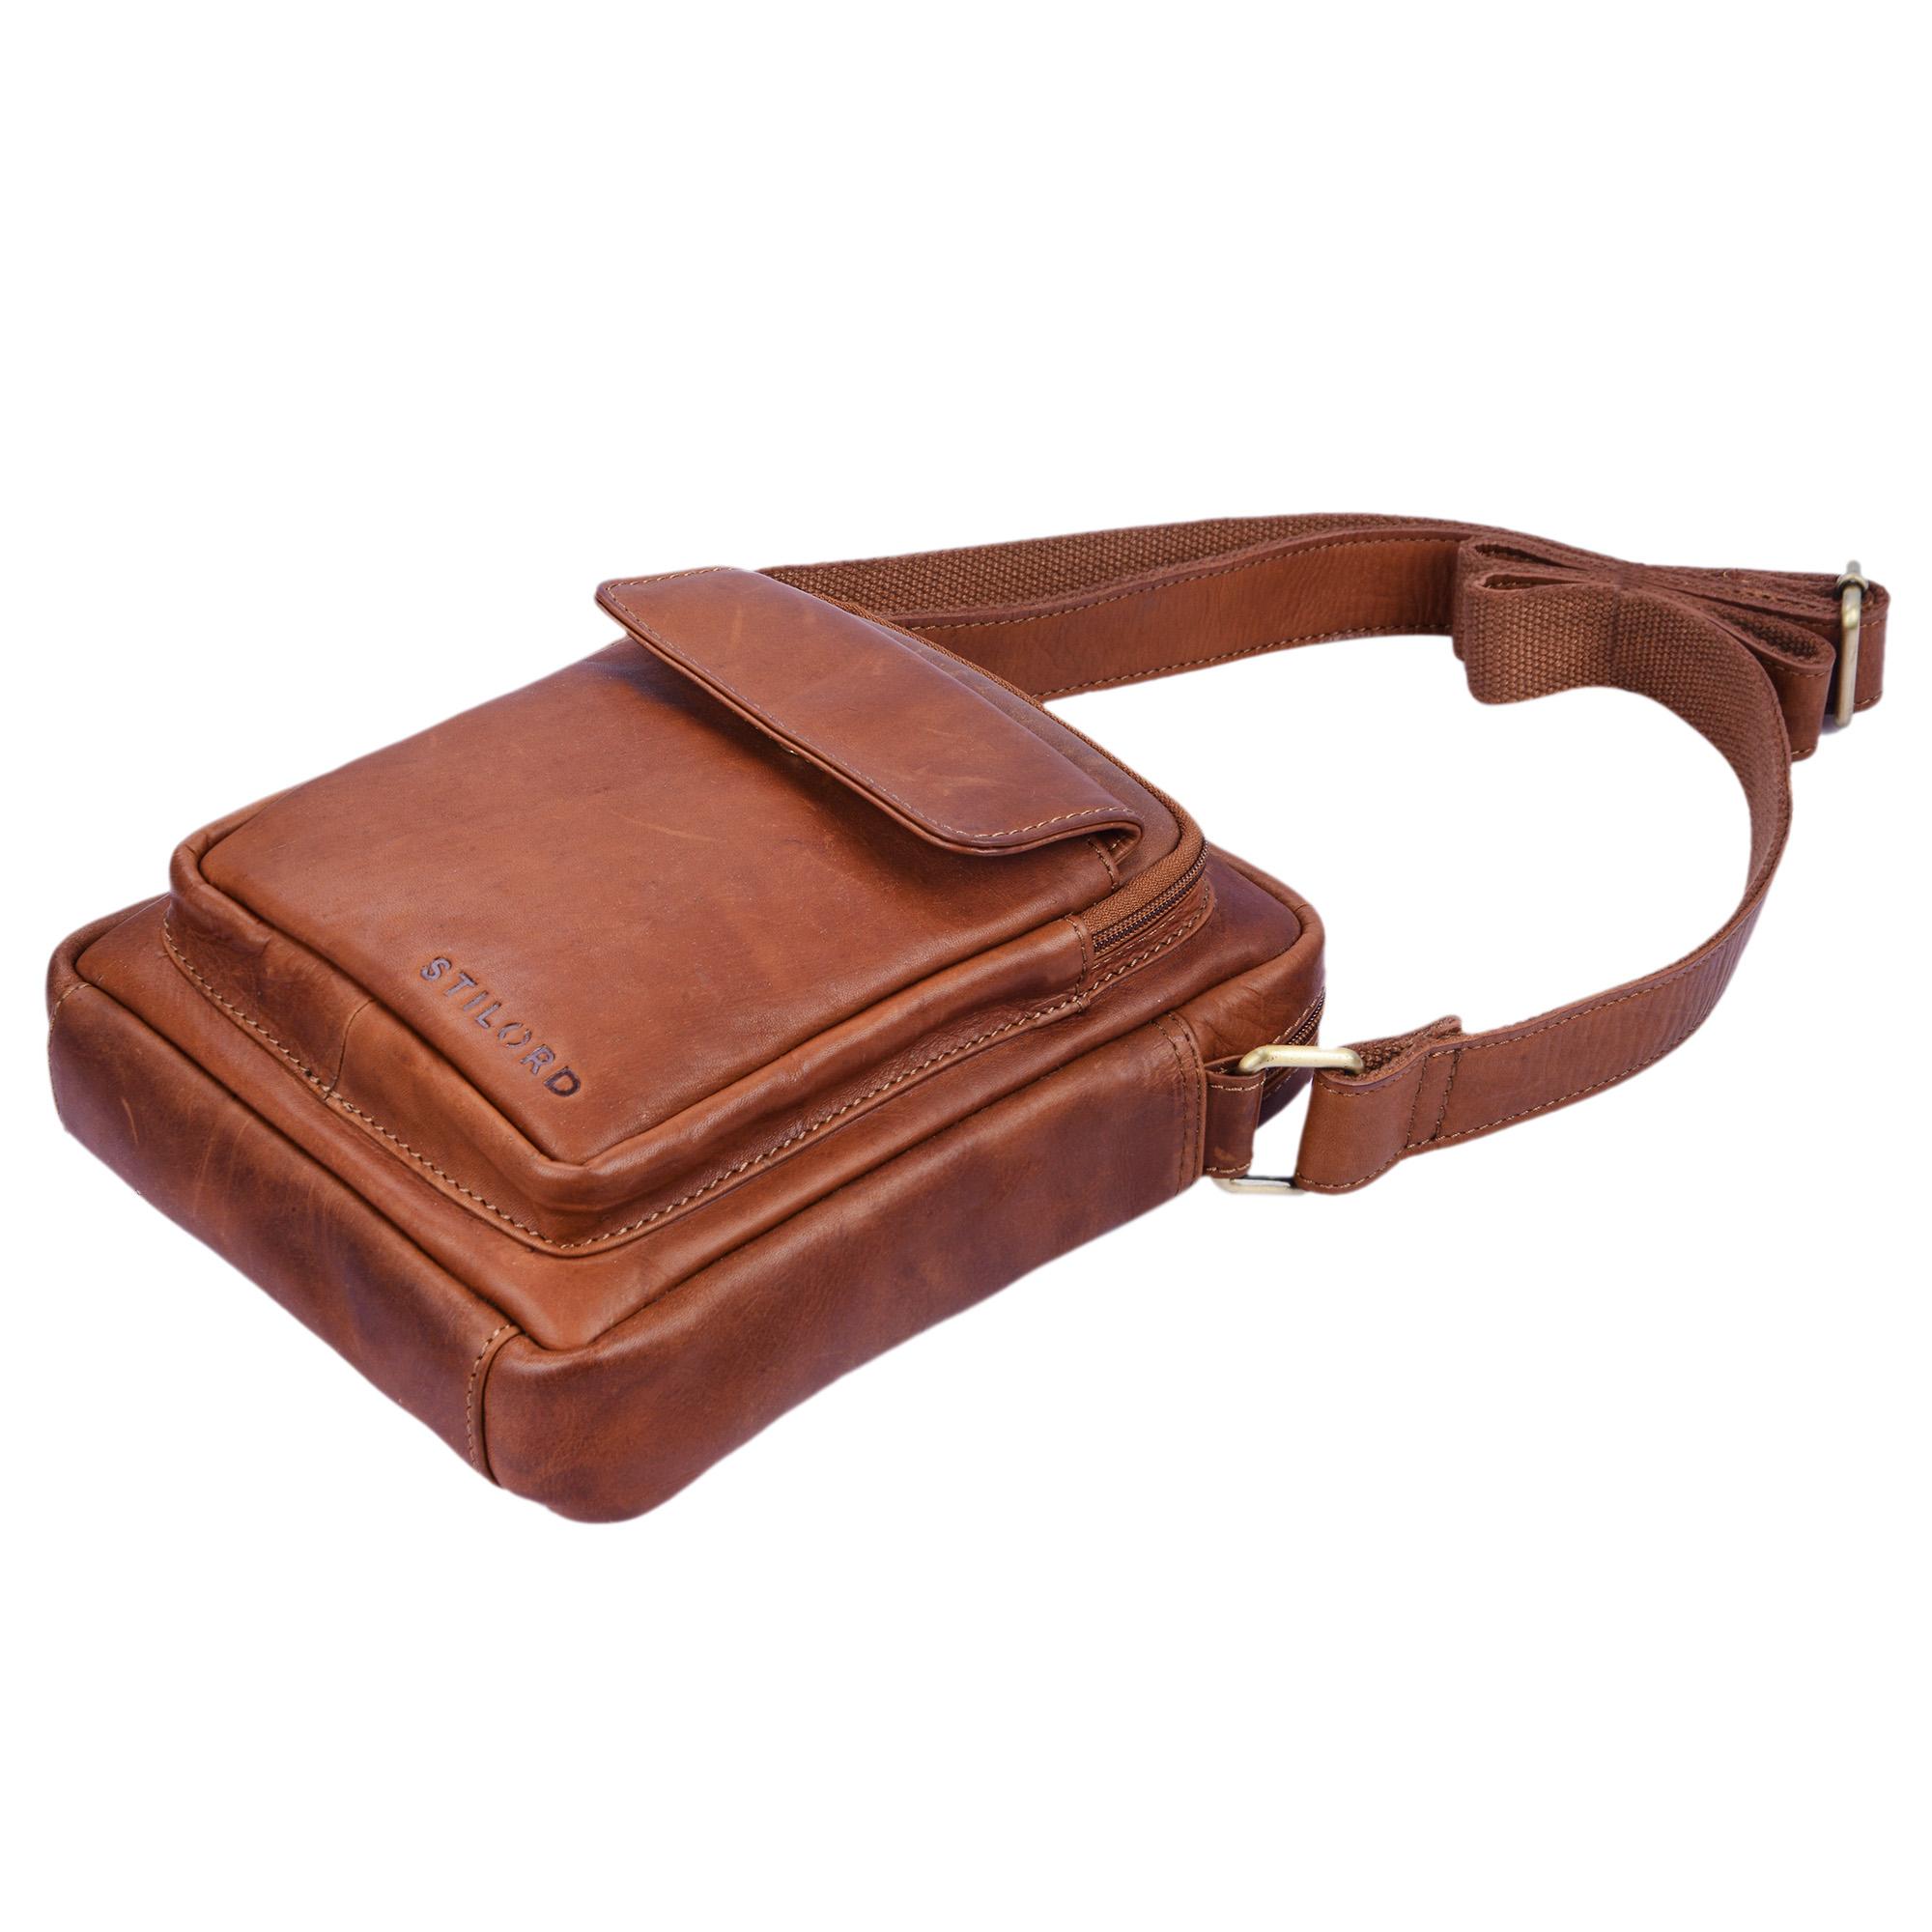 """STILORD """"Jannis"""" Leder Umhängetasche Männer klein Vintage Messenger Bag Herren-Tasche Tablettasche für 9.7 Zoll iPad Schultertasche aus echtem Leder - Bild 7"""